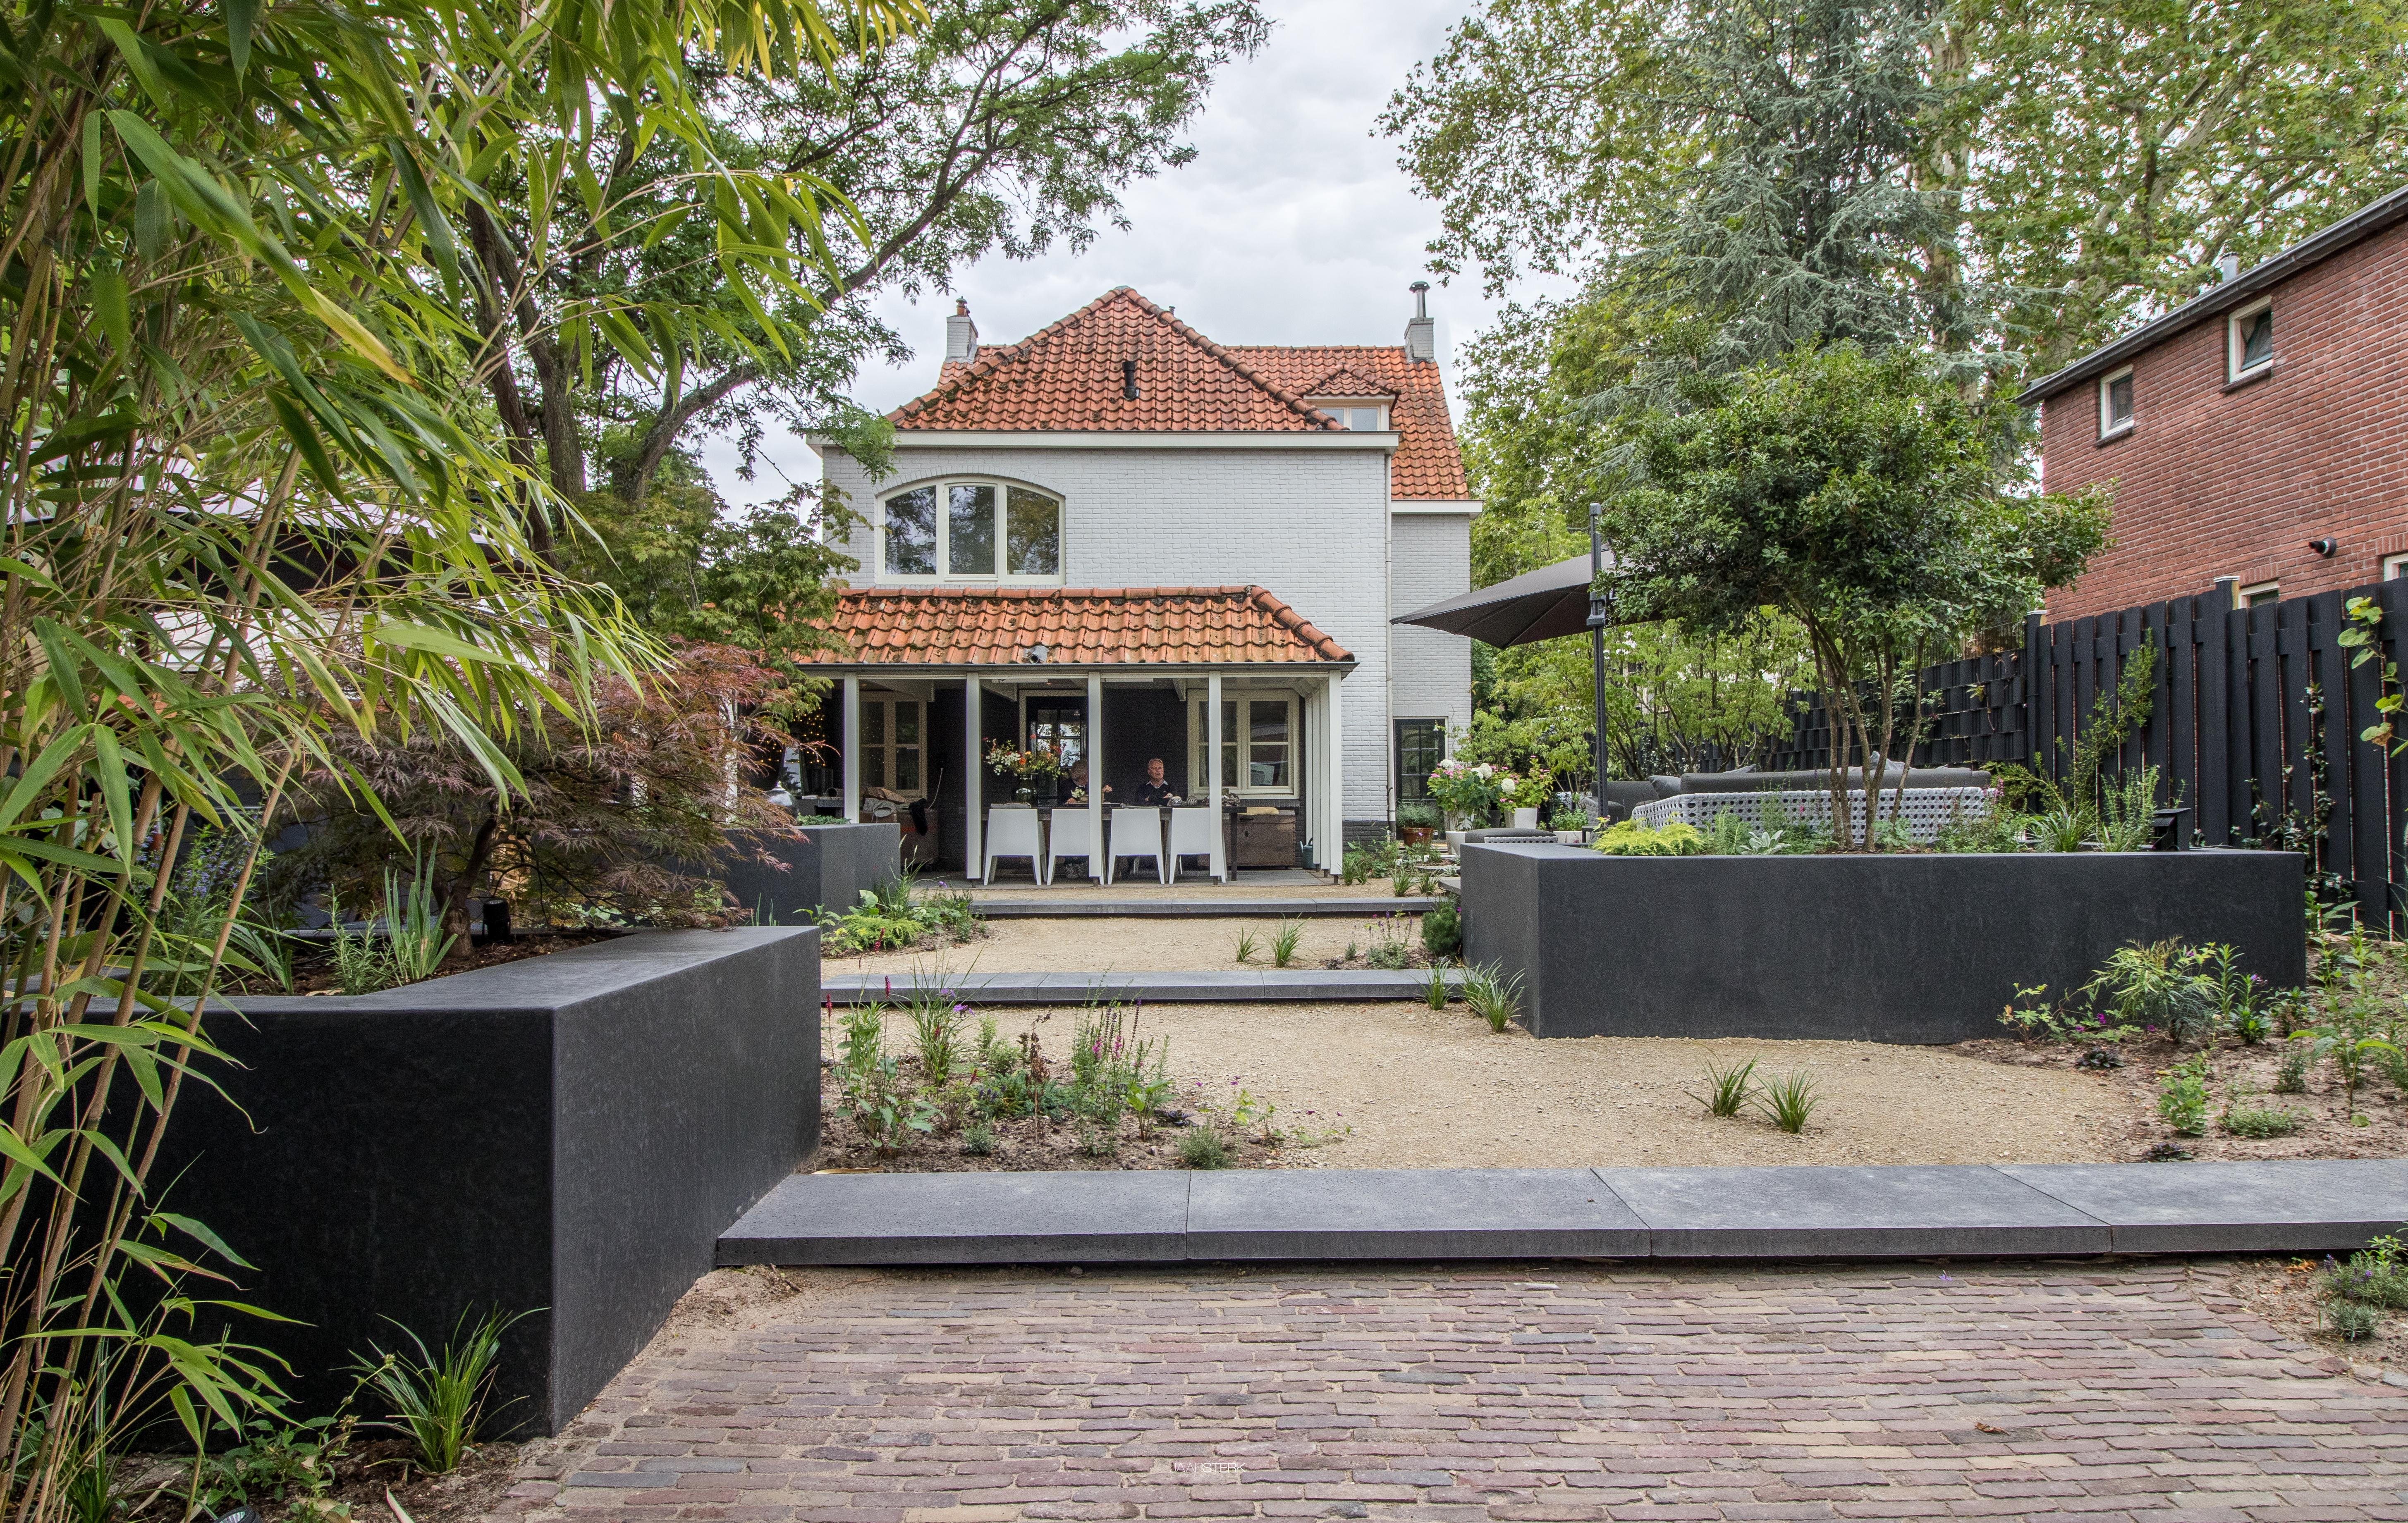 Moderne tuinarchitectuur met boombakken